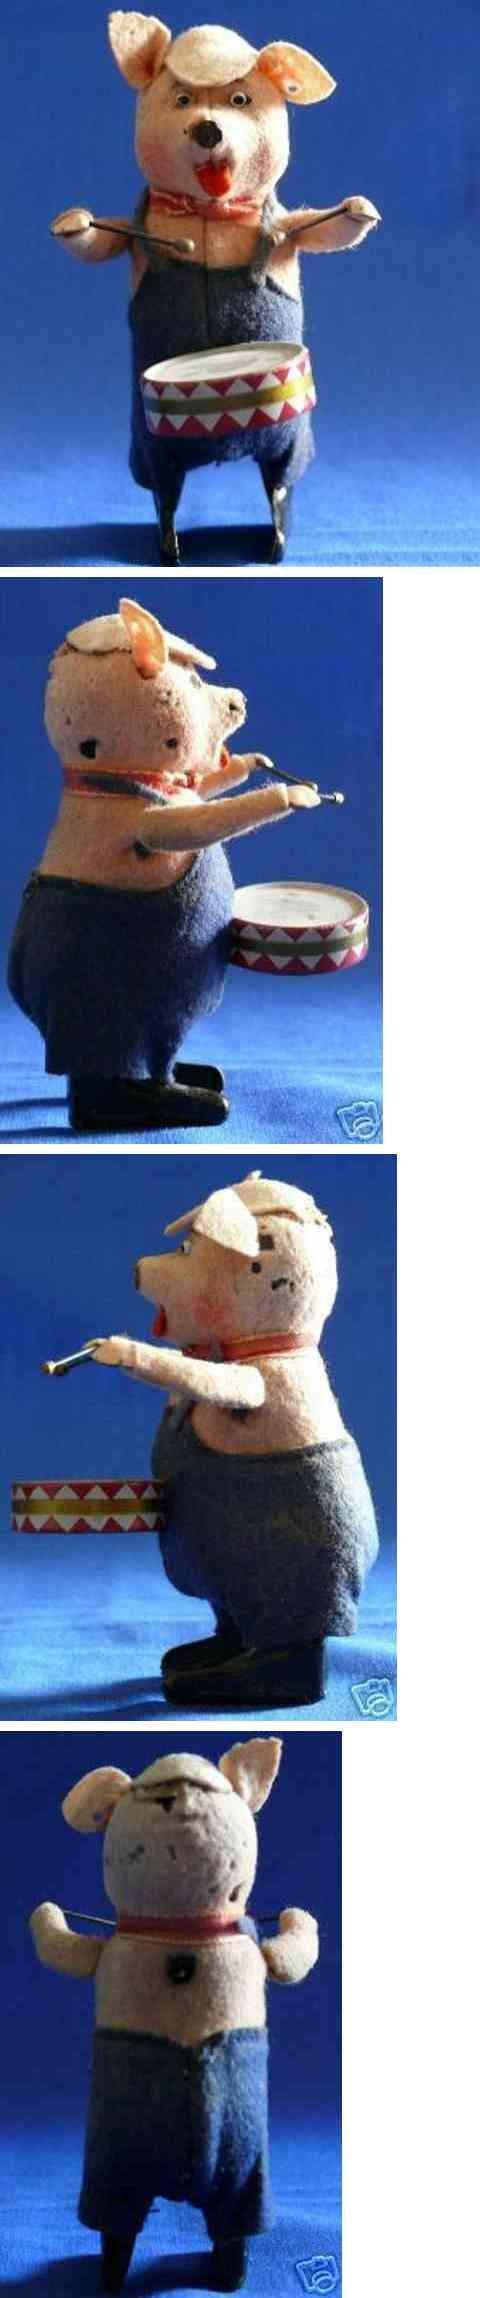 schuco 980/1 blech tanzfigur schweinchen als trommler